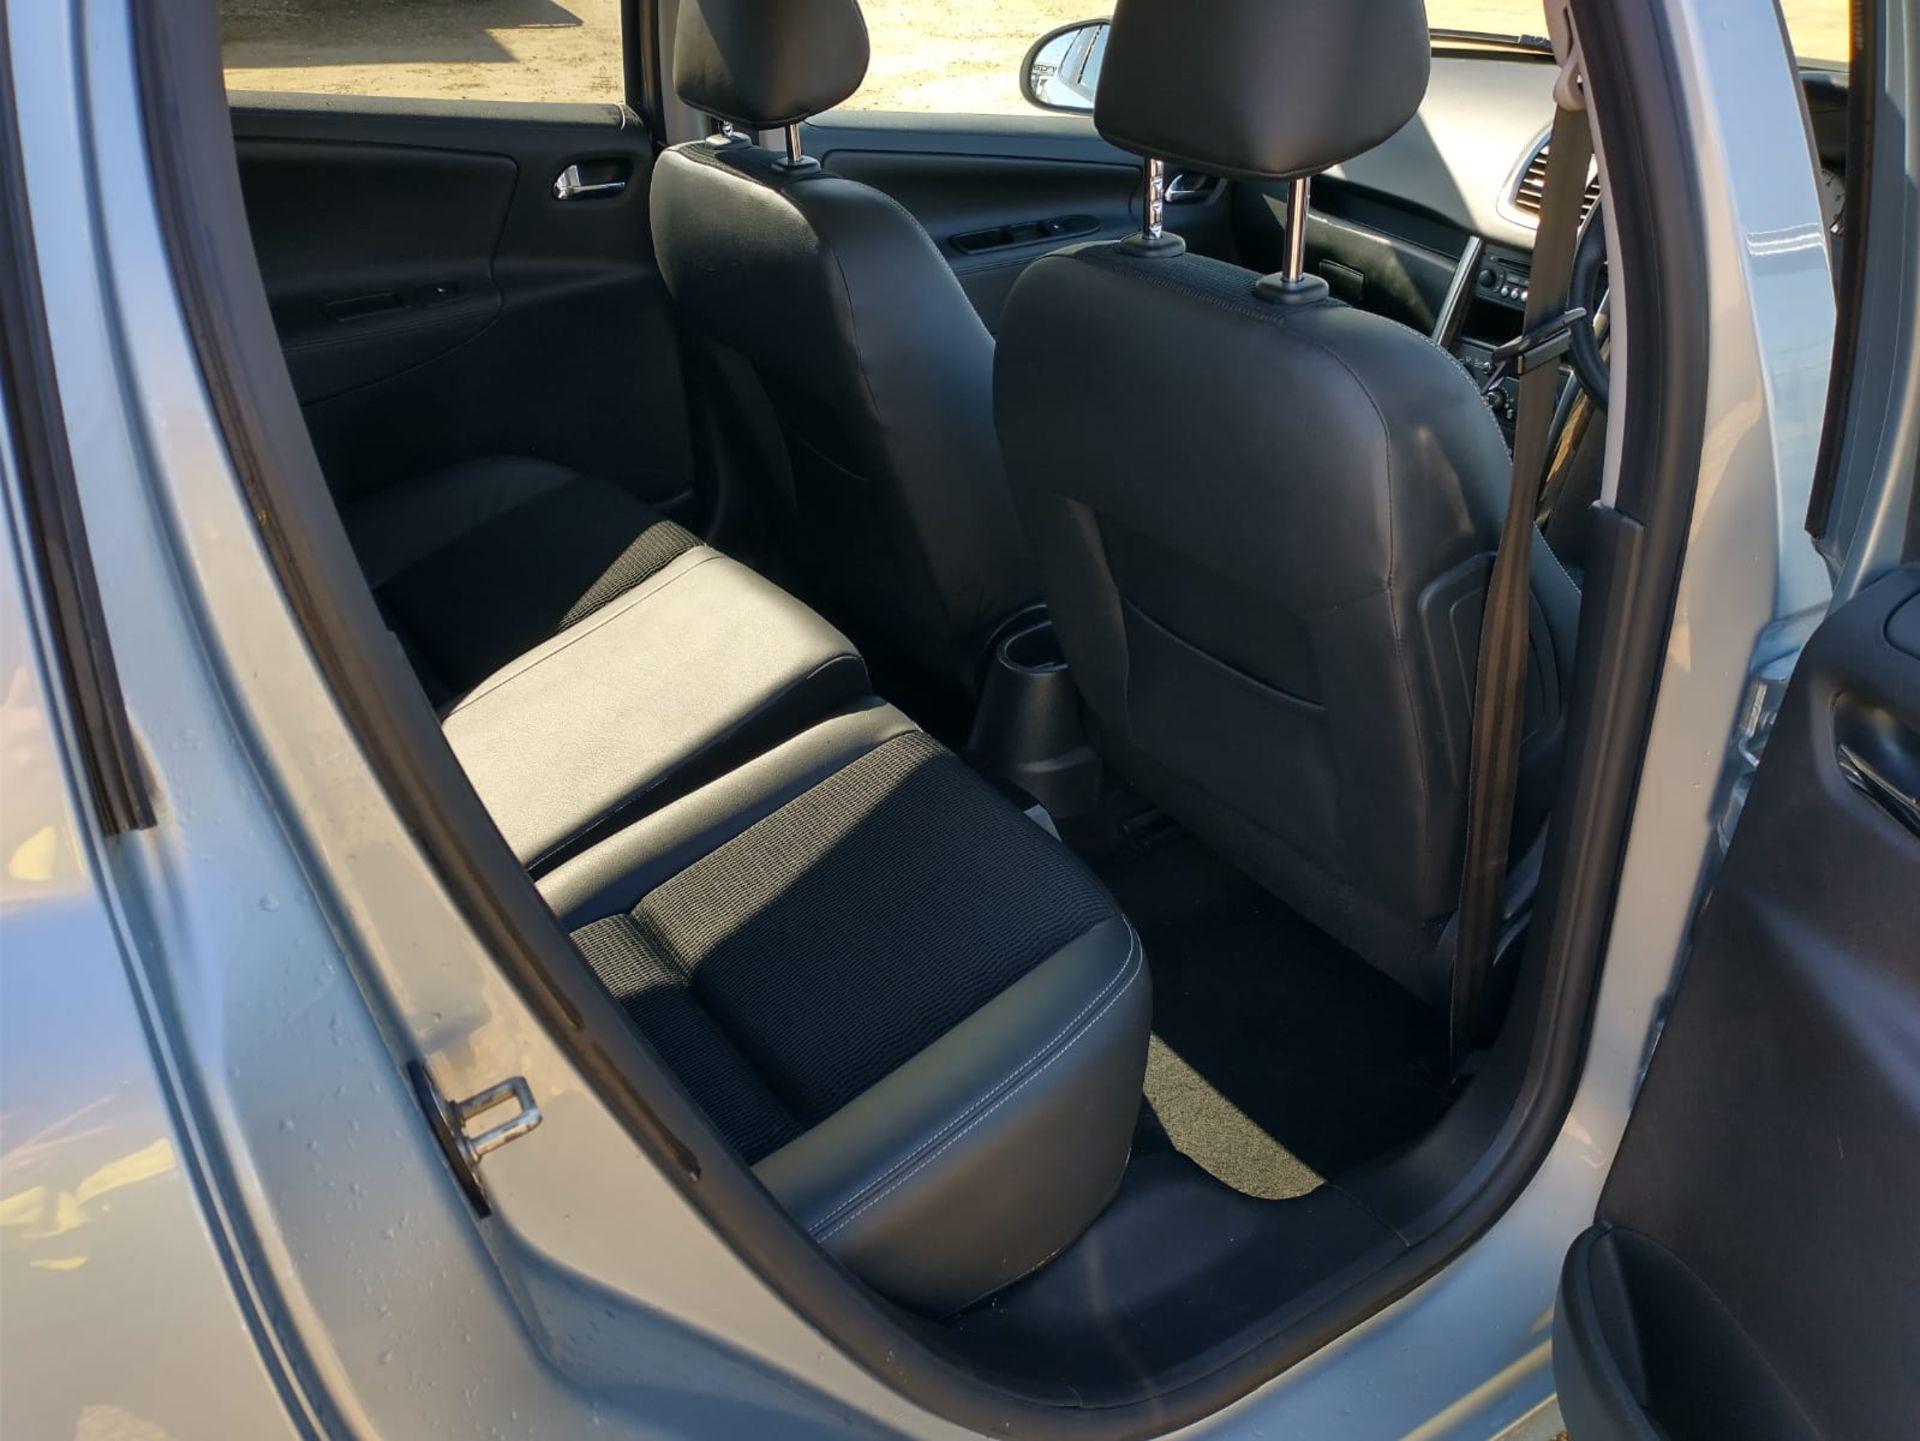 2012 Peugeot 207 Allure 1.6 5DR Hatchback - Image 12 of 16